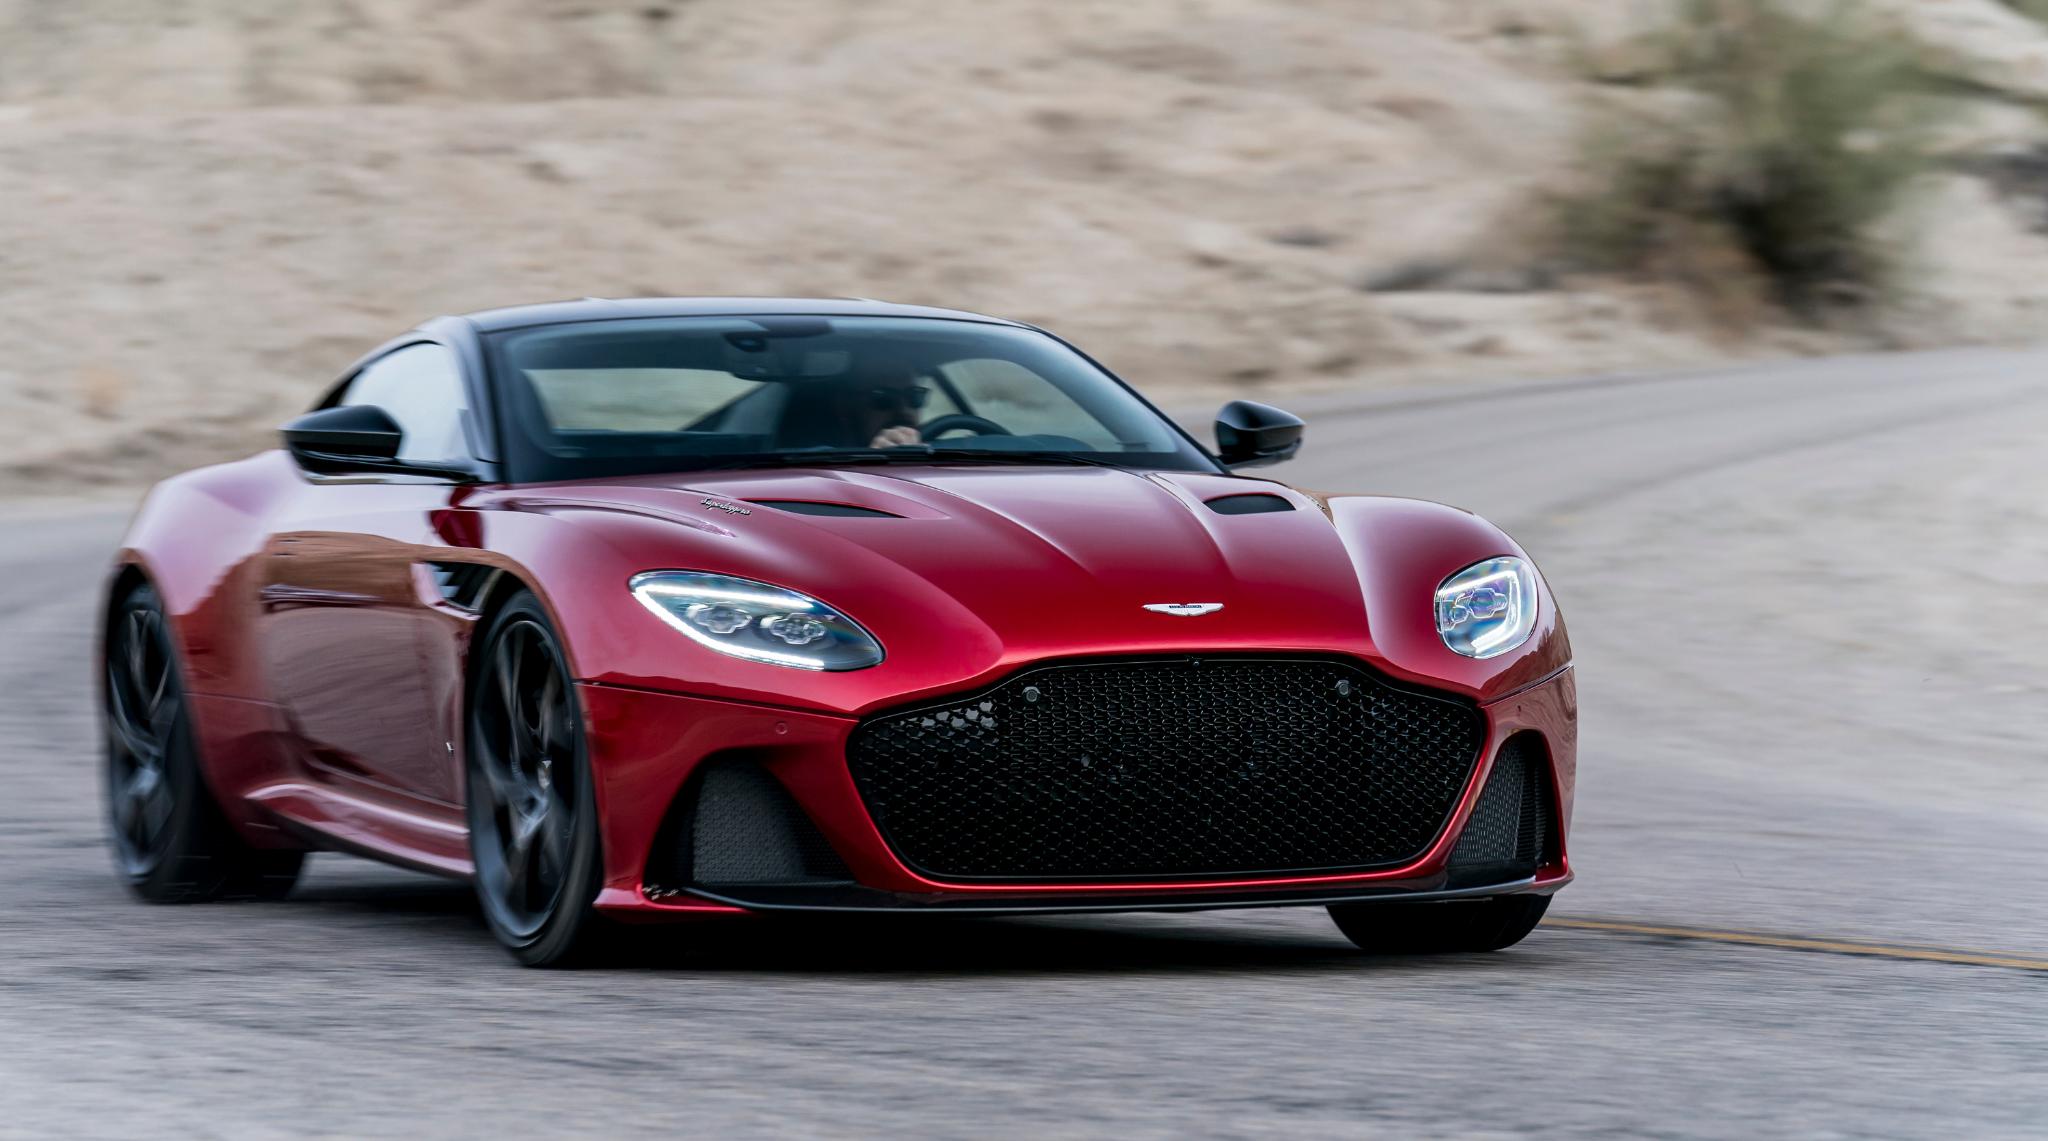 Aston Martin DBS Superleggera1